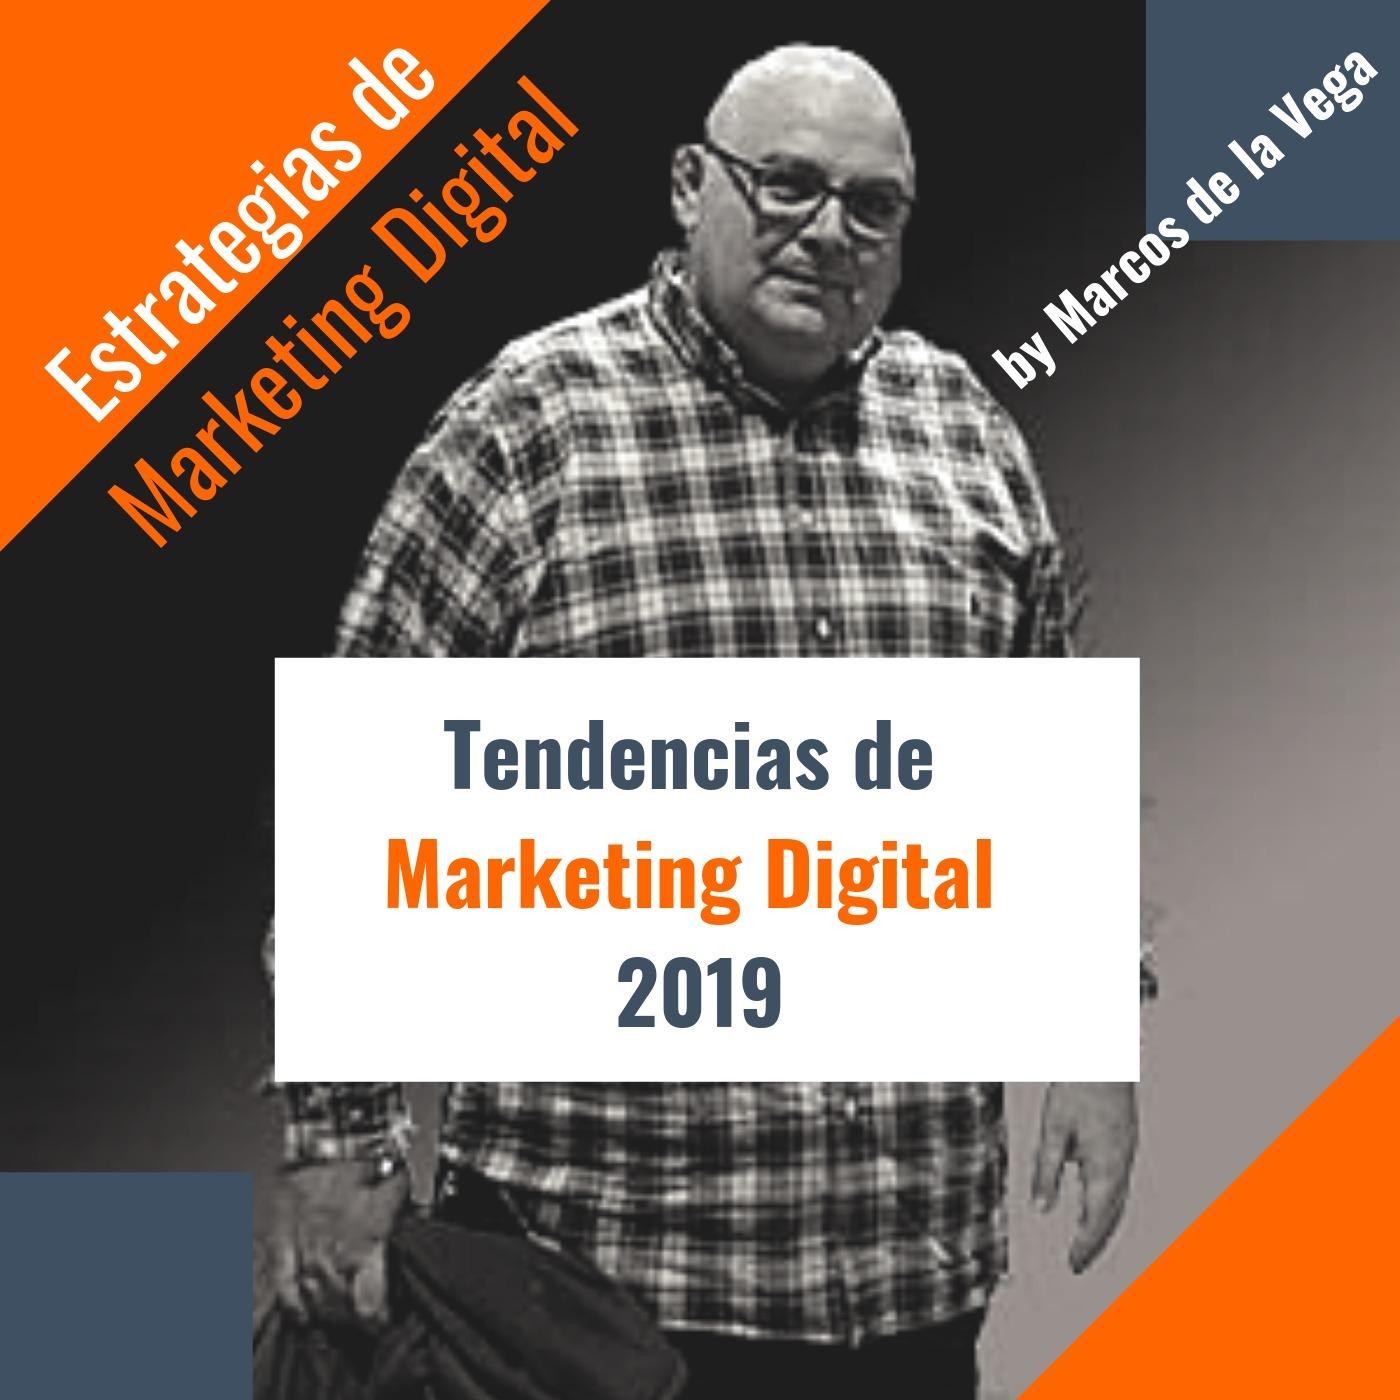 Tendencias de Marketing Digital 2019